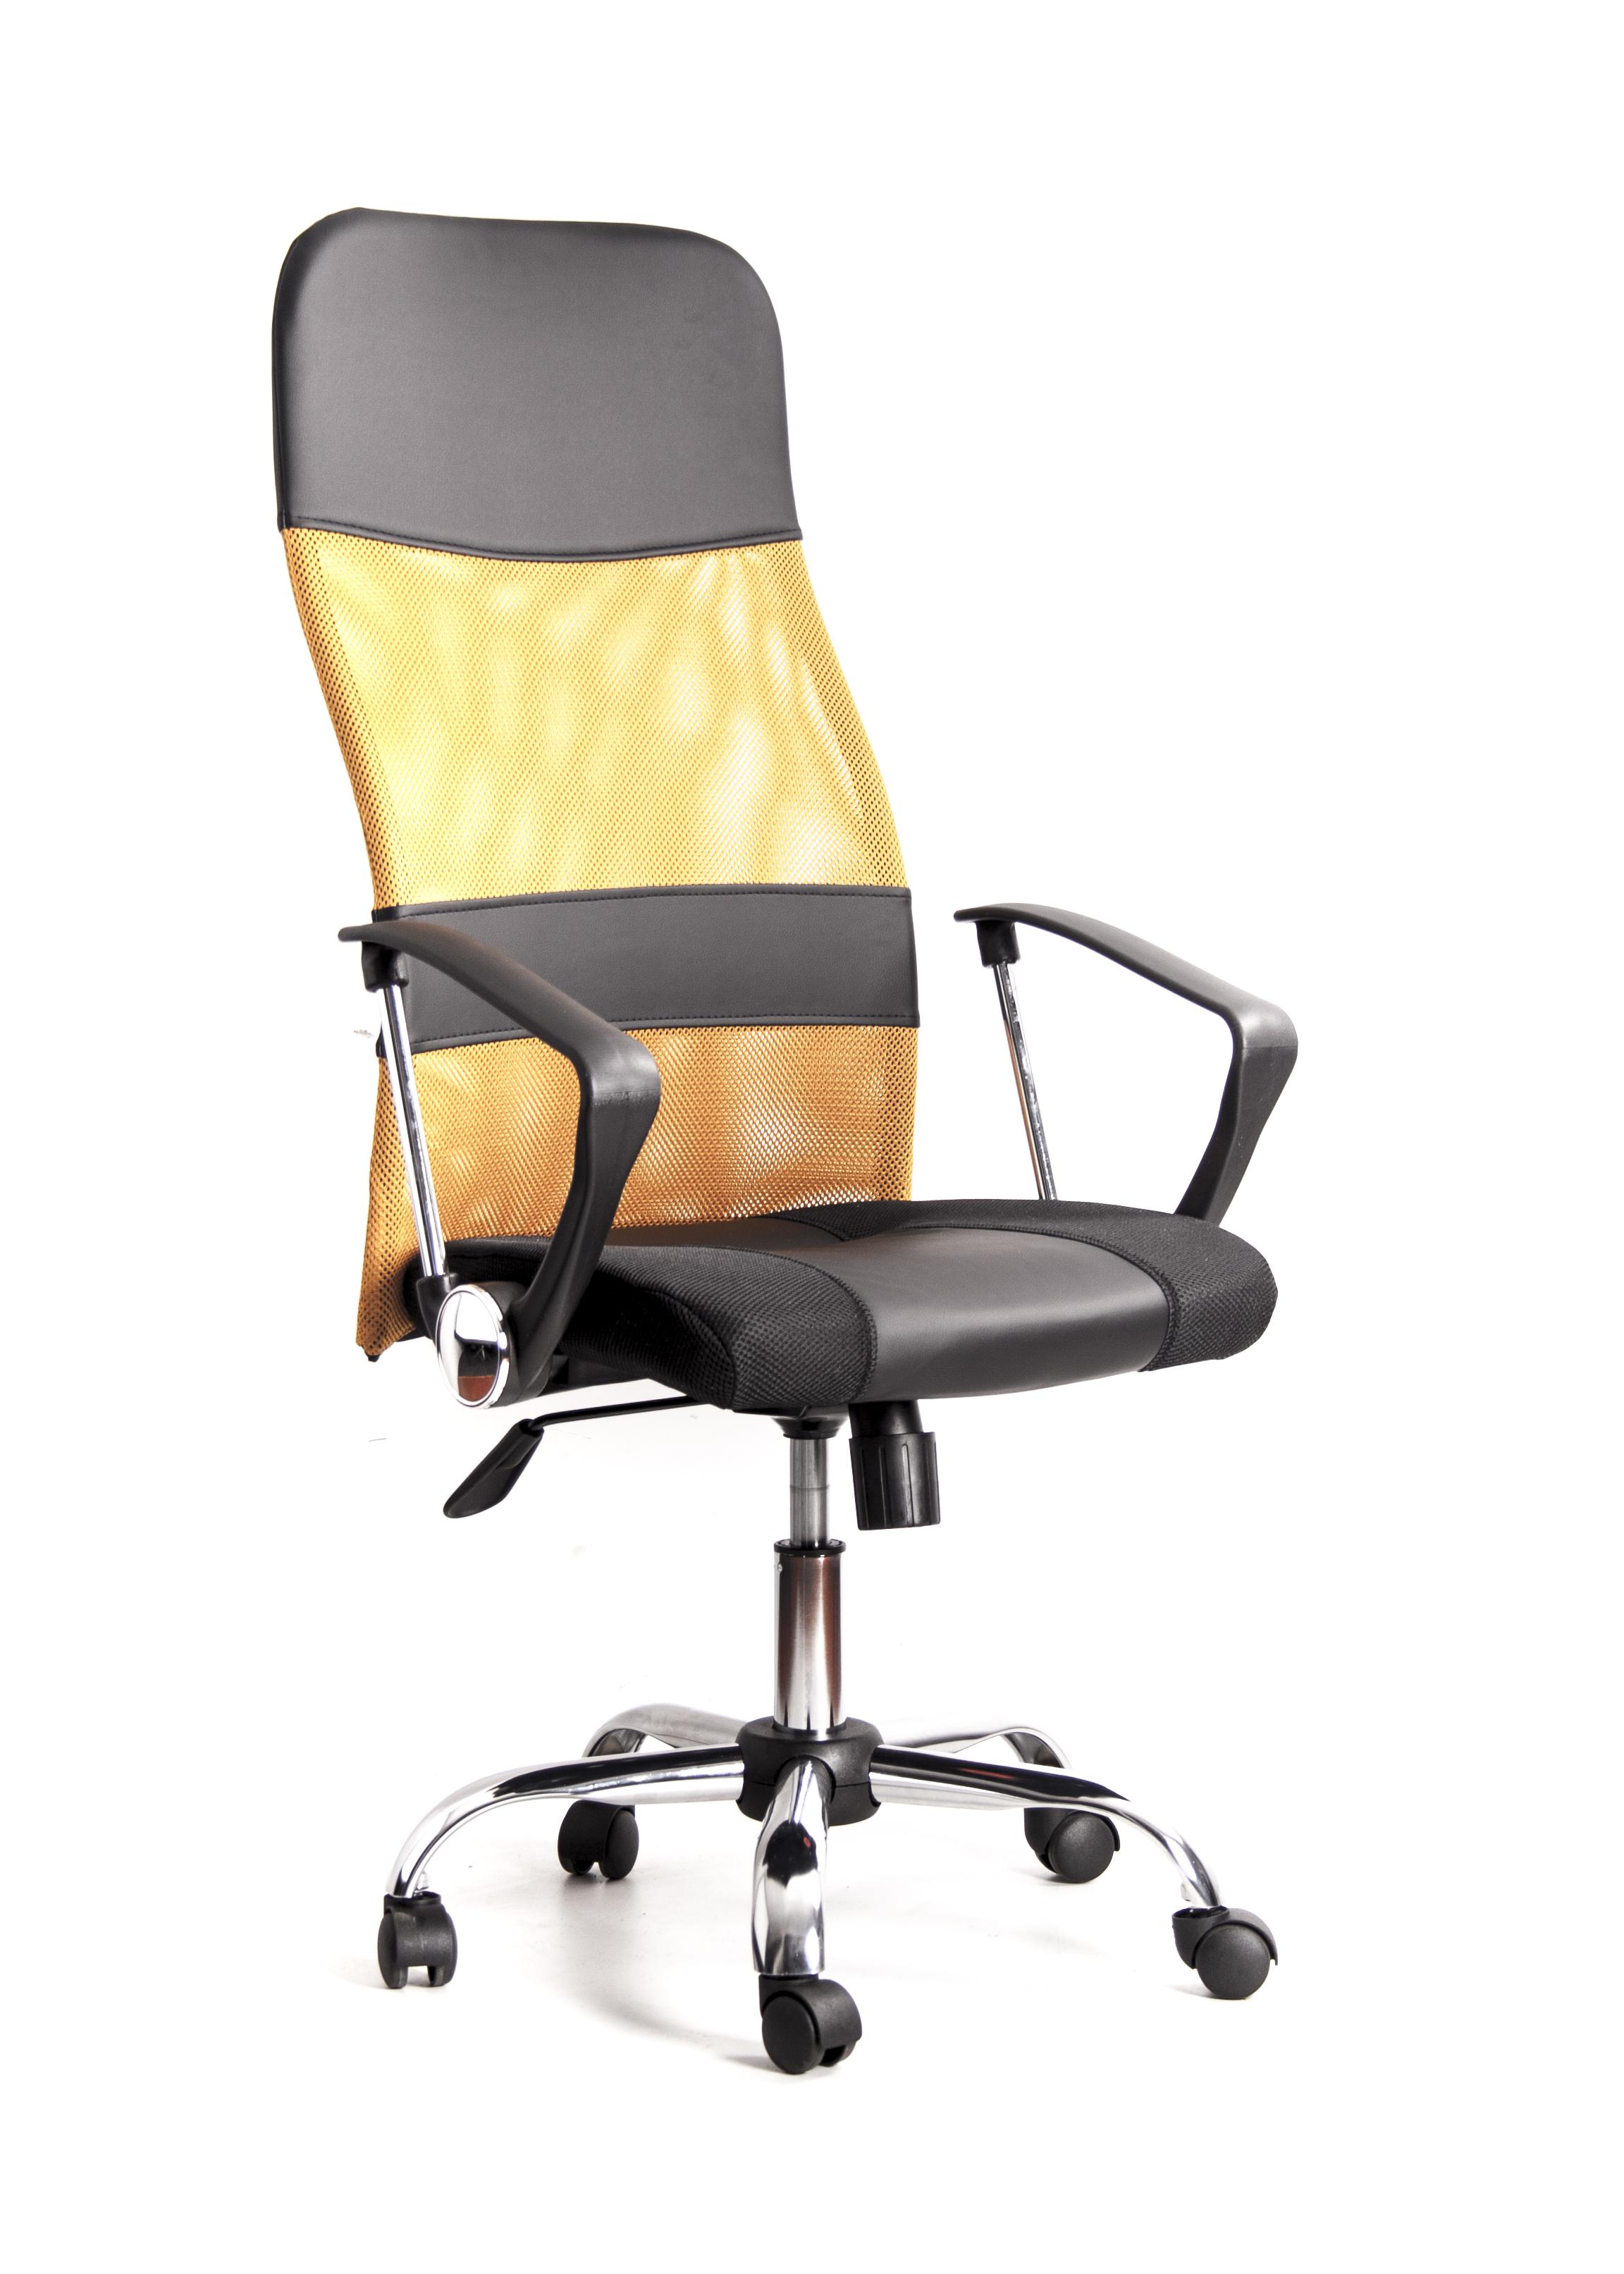 Кресло Recardo Smart Черно-бежевый сетка/кожа, 120кг, газлифт/качание/откидывание кресло recardo smart 60 черный 60 gtphch1 w01 t01